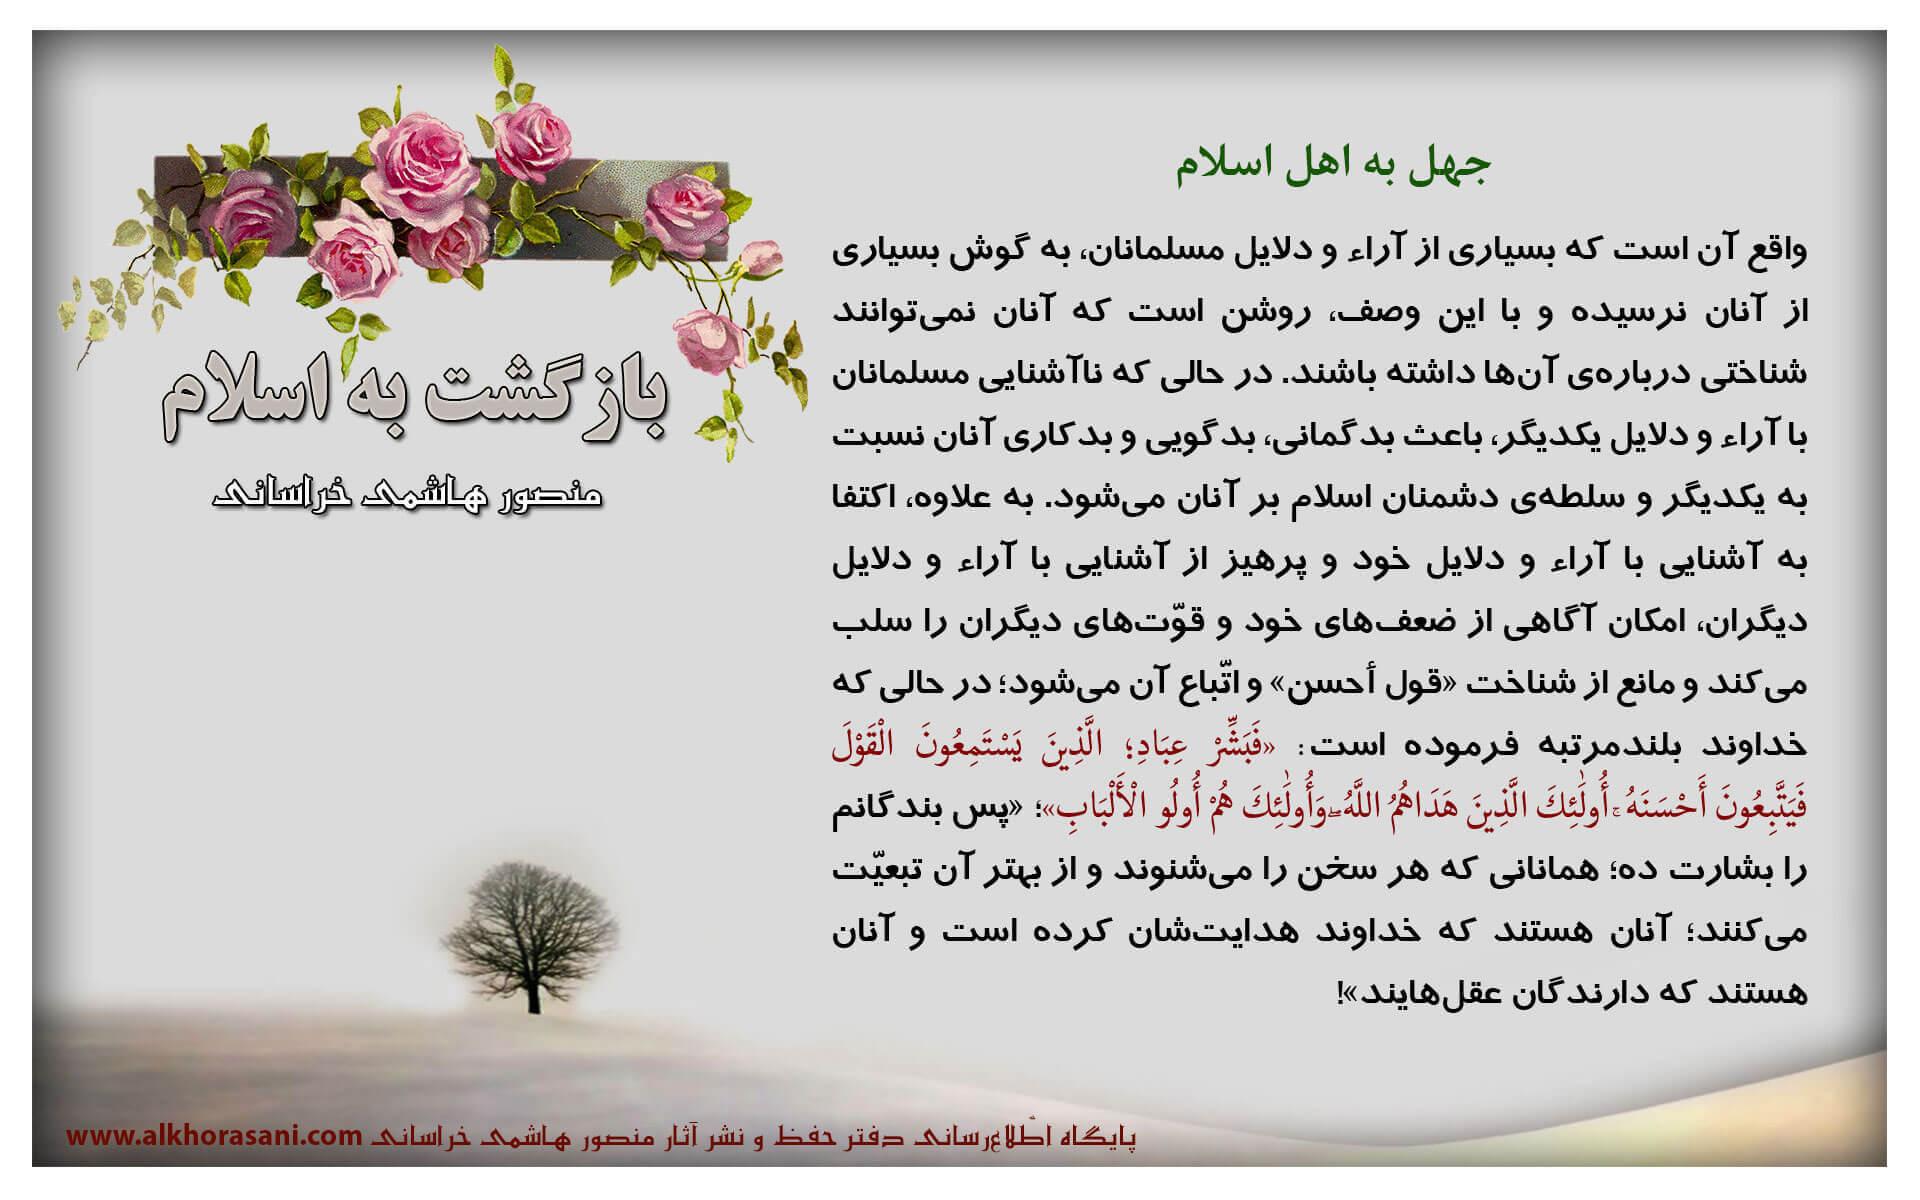 جهل به اهل اسلام (3)